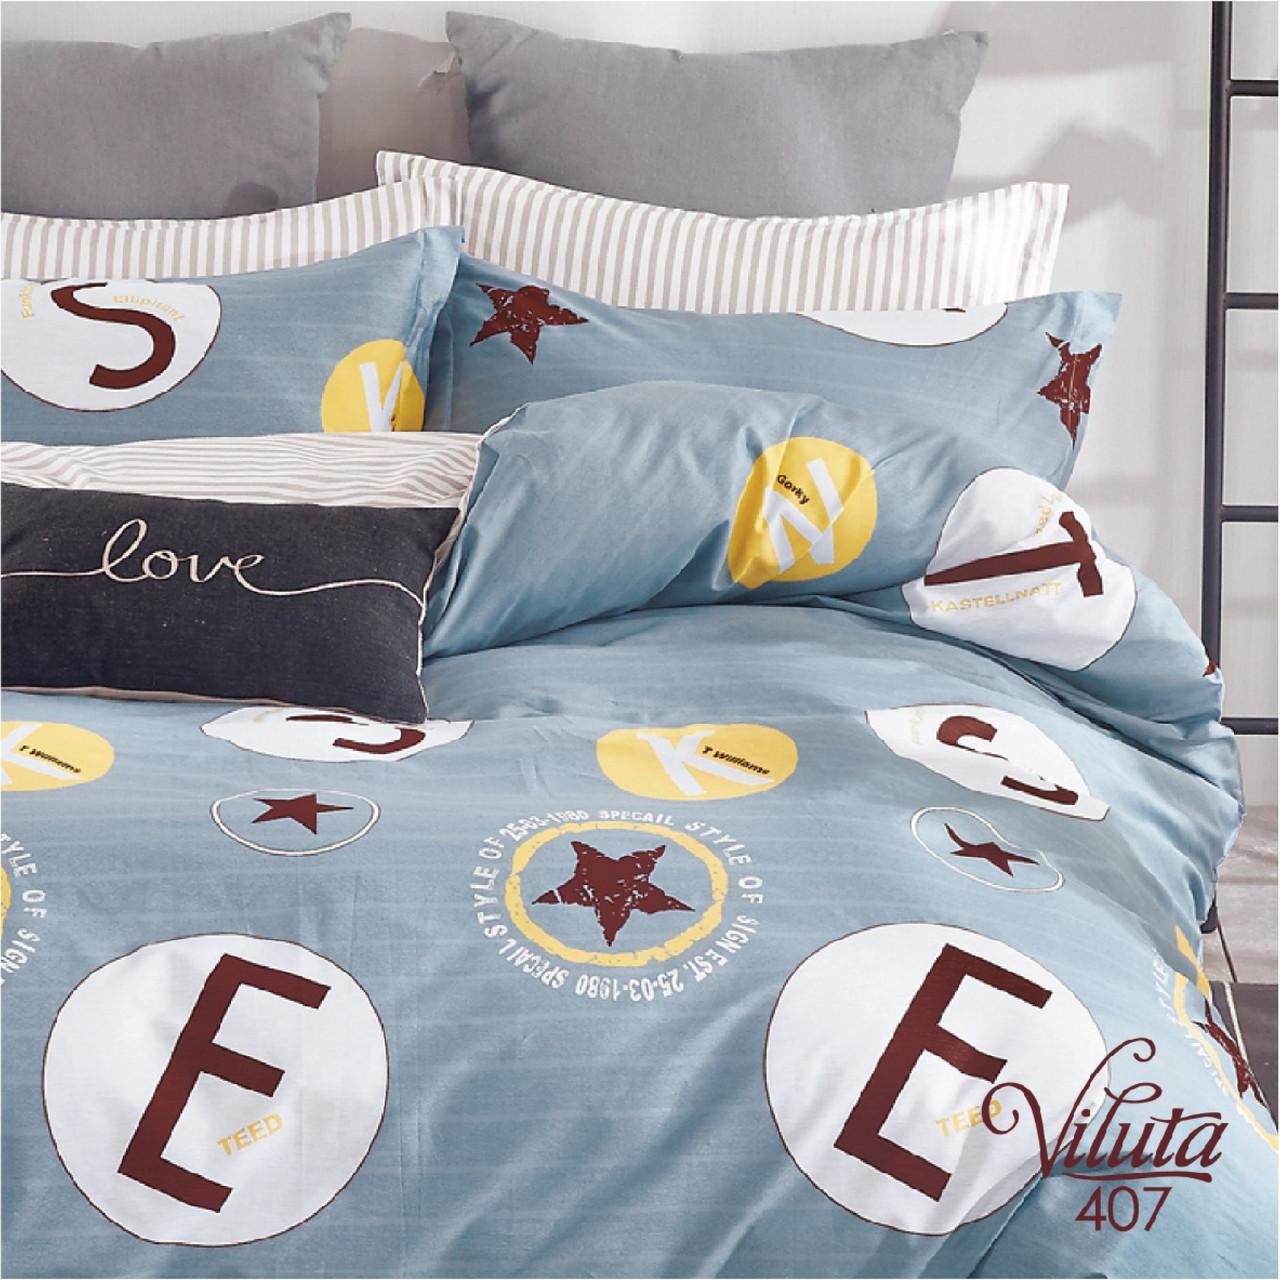 Подростковое постельное белье Viluta 407 сатин 143*205